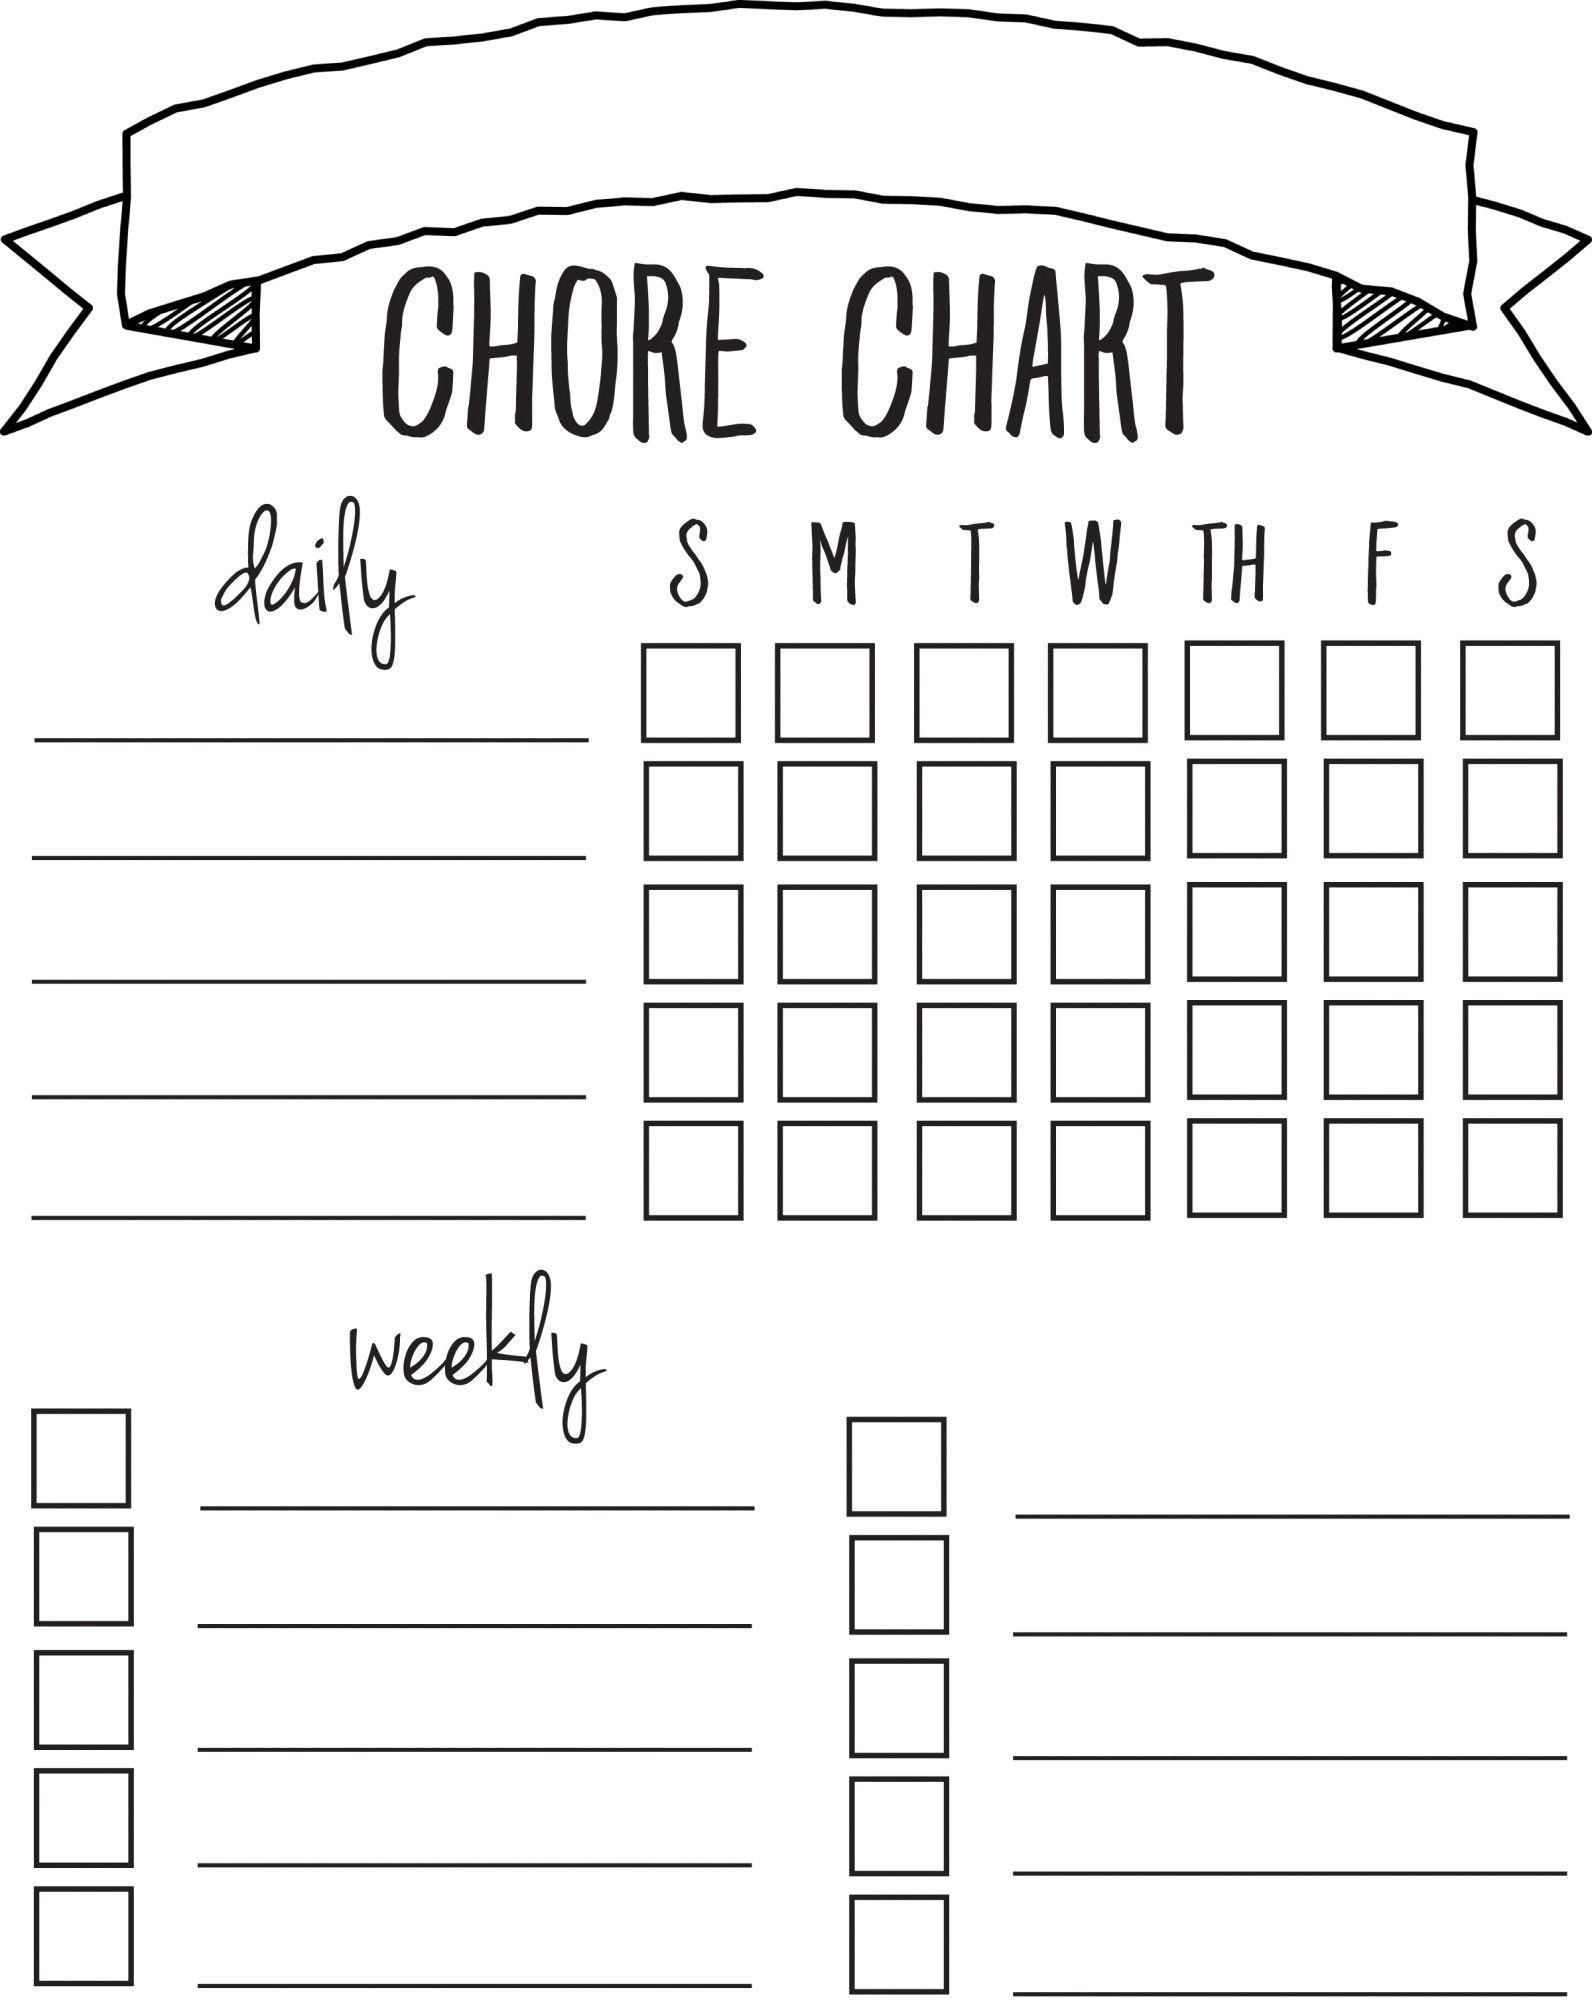 Diy Printable Chore Chart | Free Printables Nov/feb | Chore Chart - Free Printable Chore List